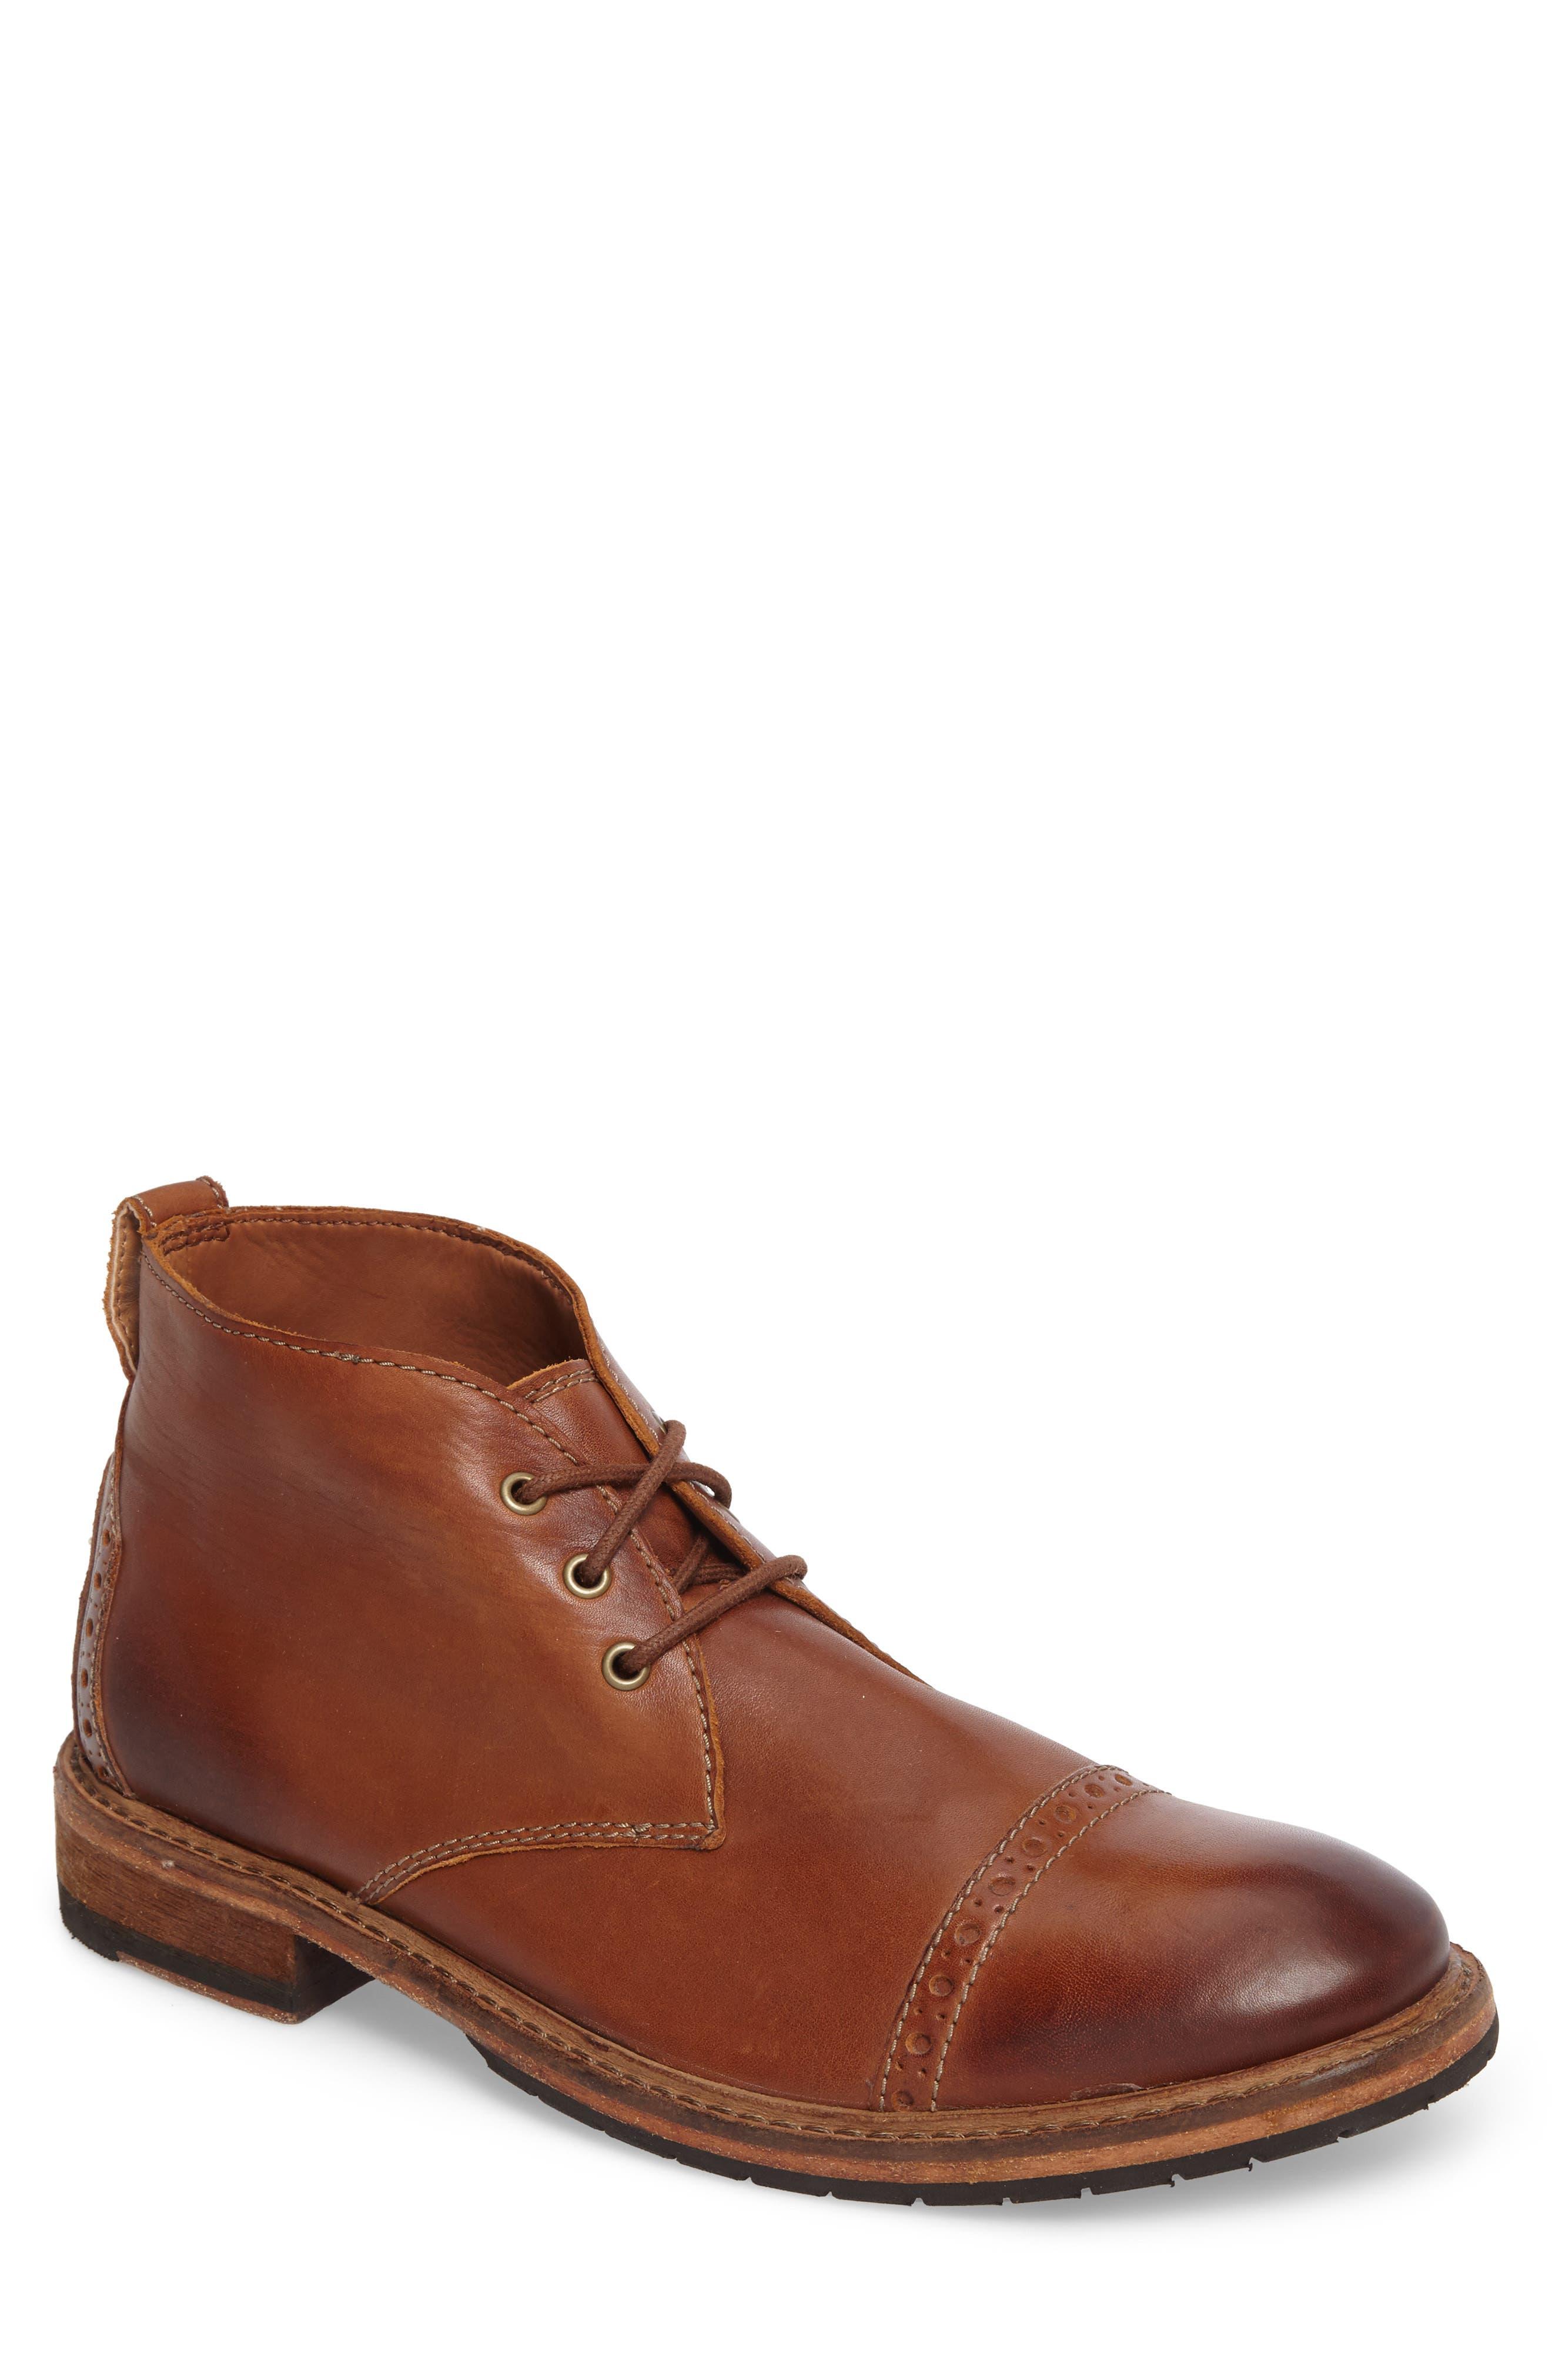 Clarks® Clarkdale Water Resistant Chukka Boot (Men)